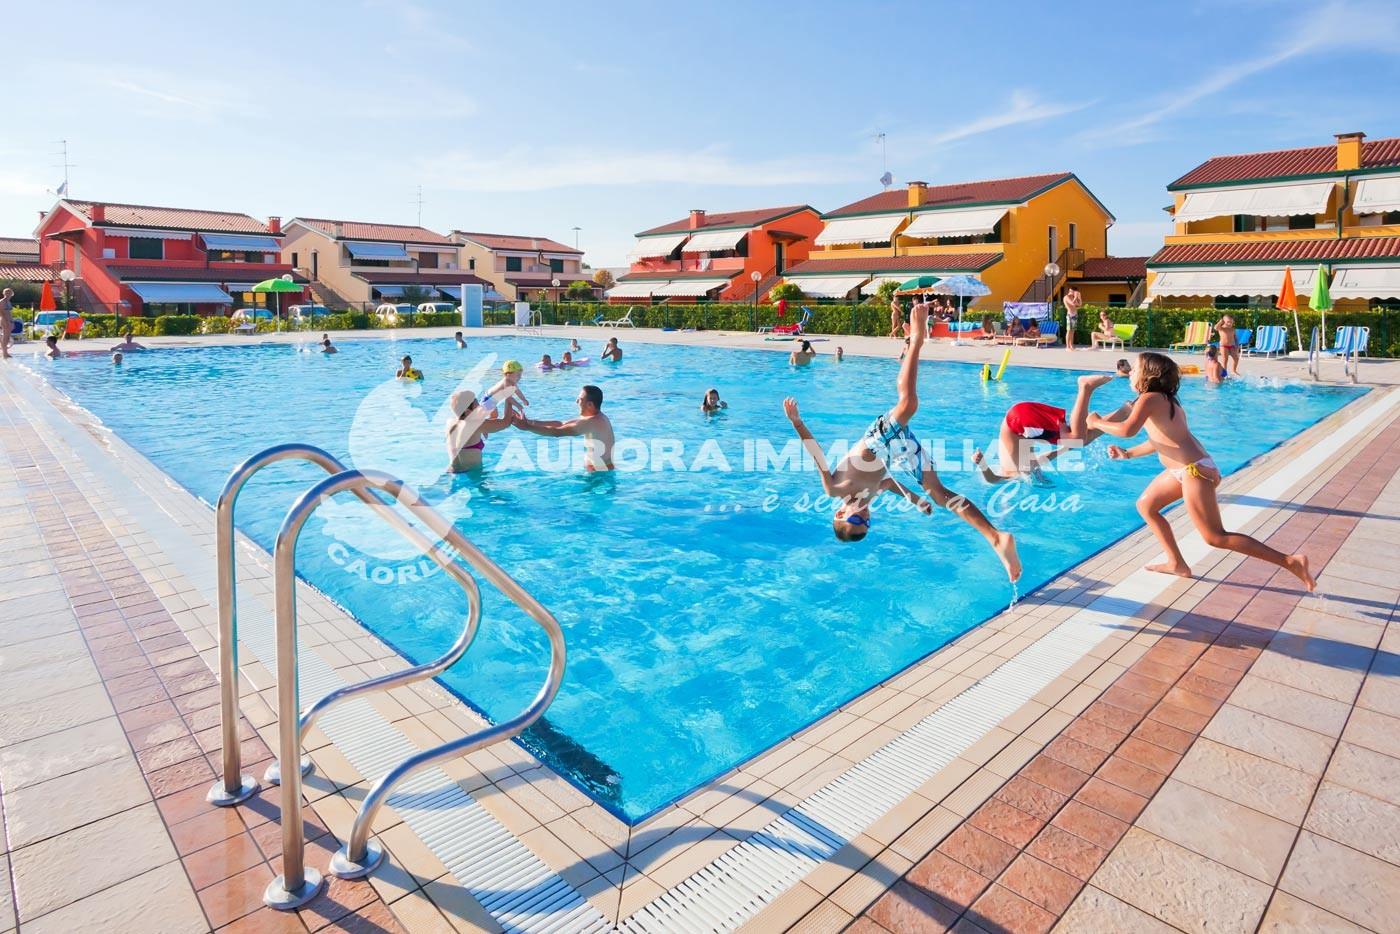 Appartamenti caorle villaggi con piscina caorle - Villaggi in montagna con piscina ...